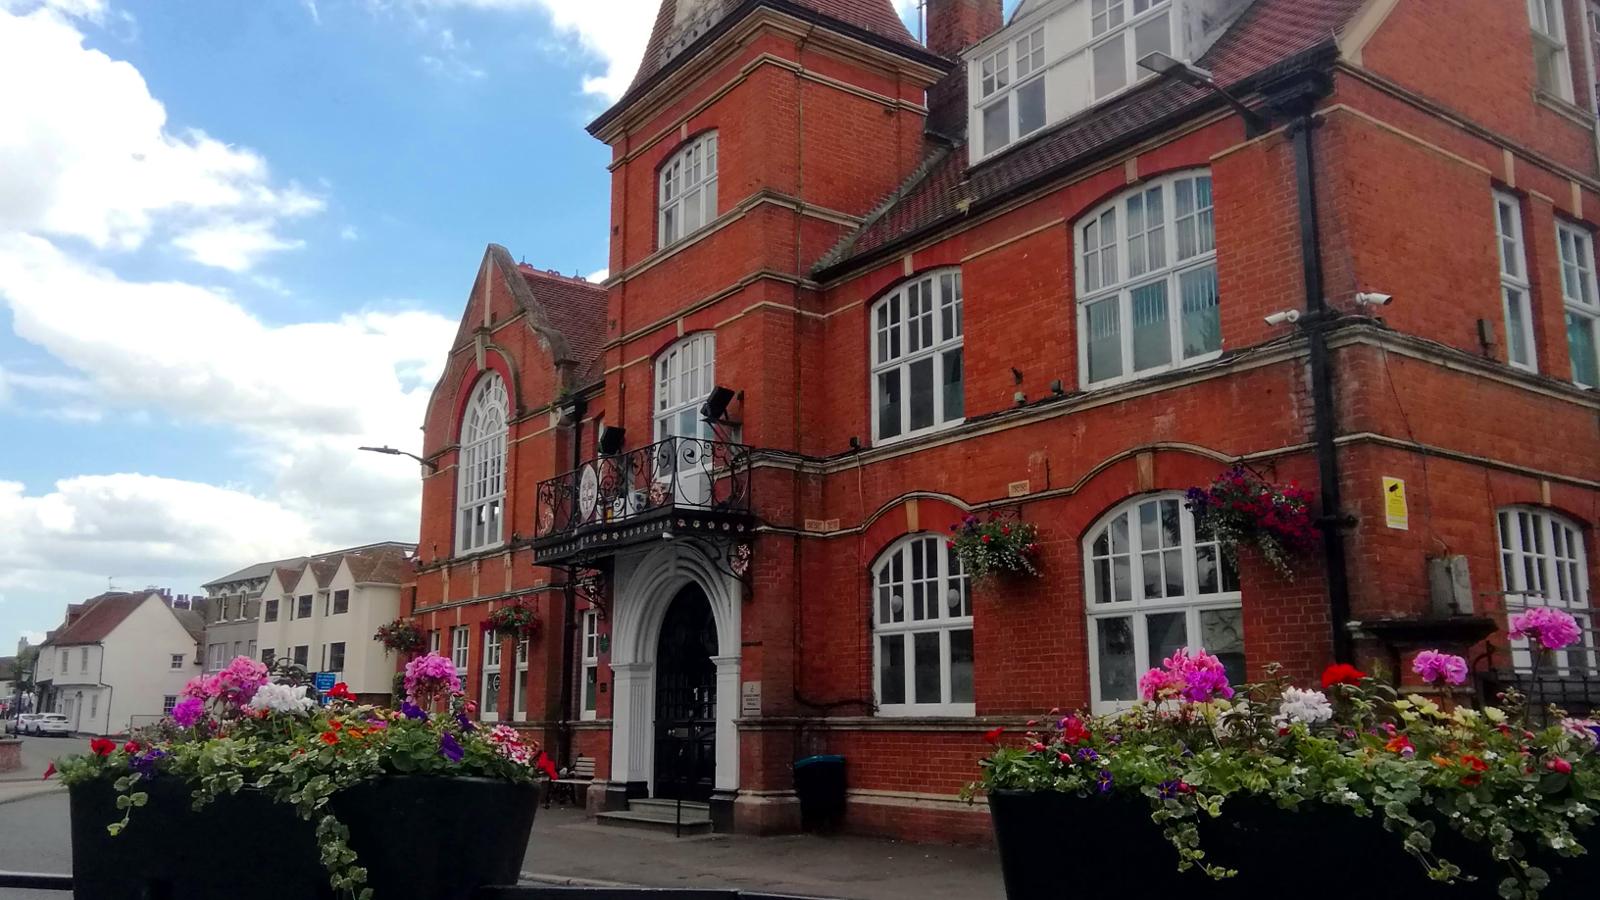 Waltham Abbey Town Hall